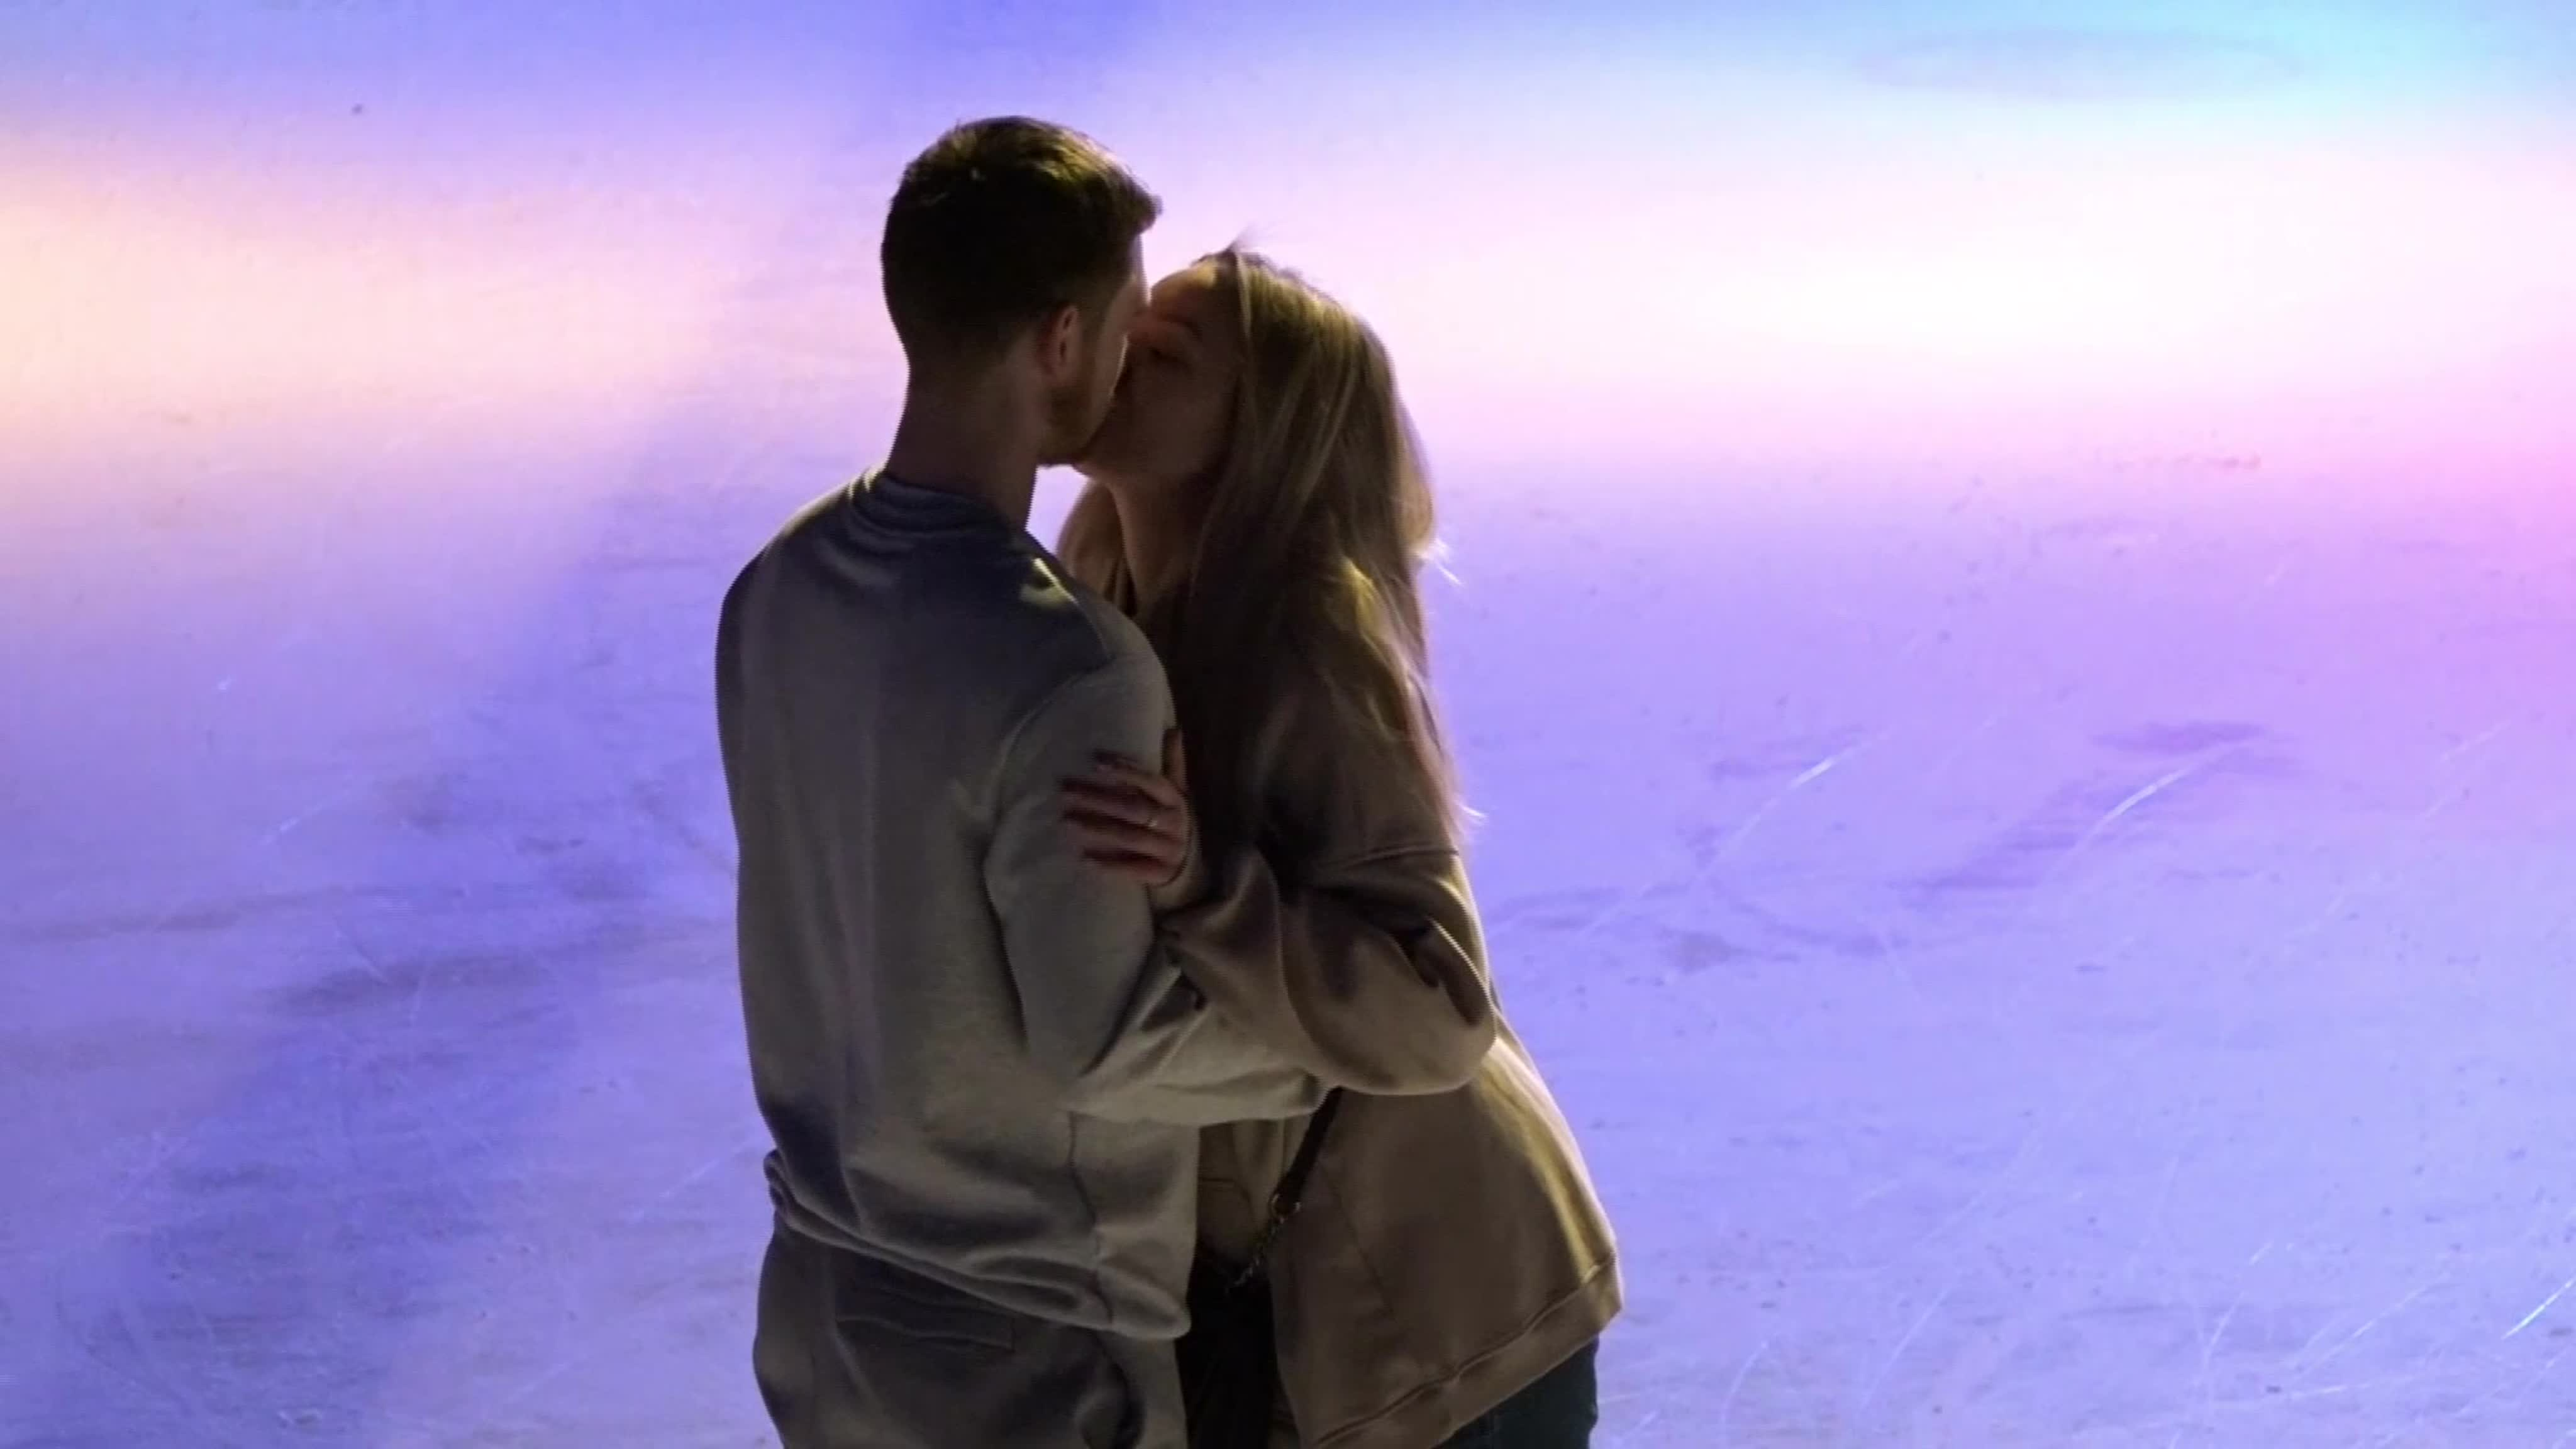 ⛸Только недавно был праздник всех влюбленных, парочки проводили время вместе: ходили в кино, гуляли, дарили друг другу валентинки.